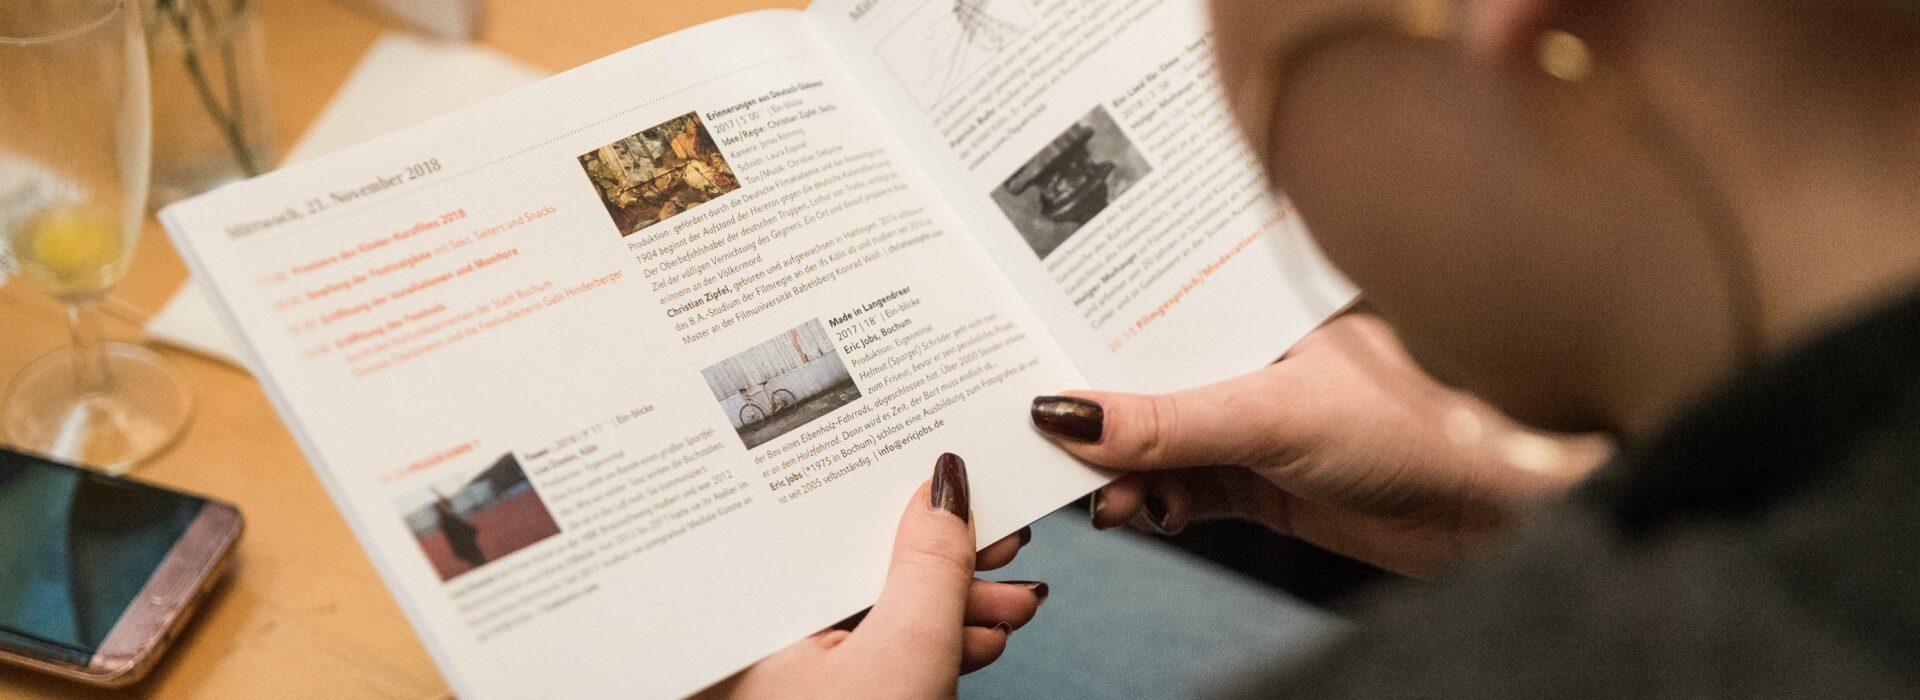 Foto: blicke Programmheft in der Hand einer Leserin